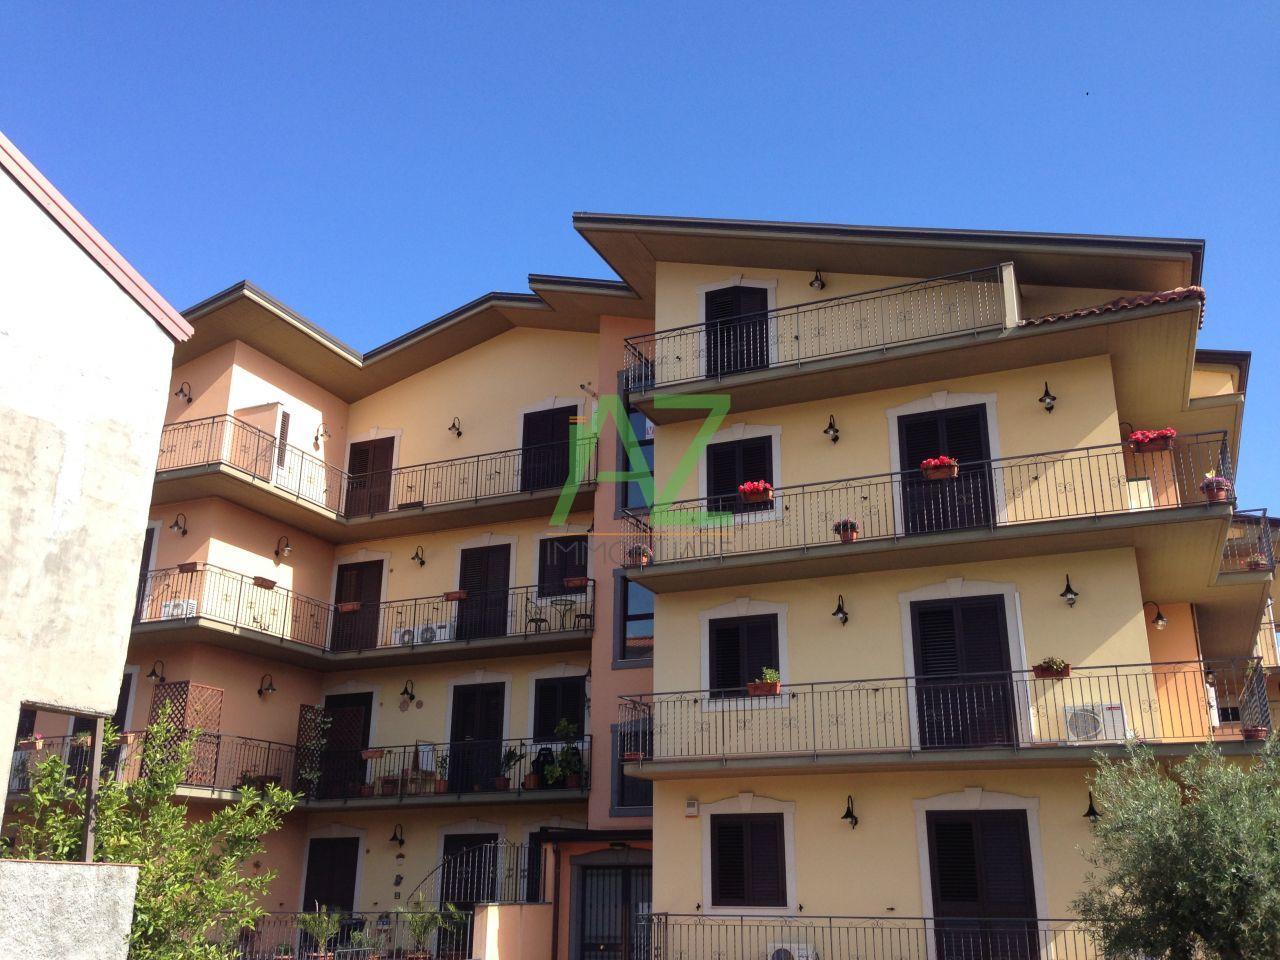 Attico / Mansarda in vendita a Belpasso, 2 locali, prezzo € 75.000 | PortaleAgenzieImmobiliari.it